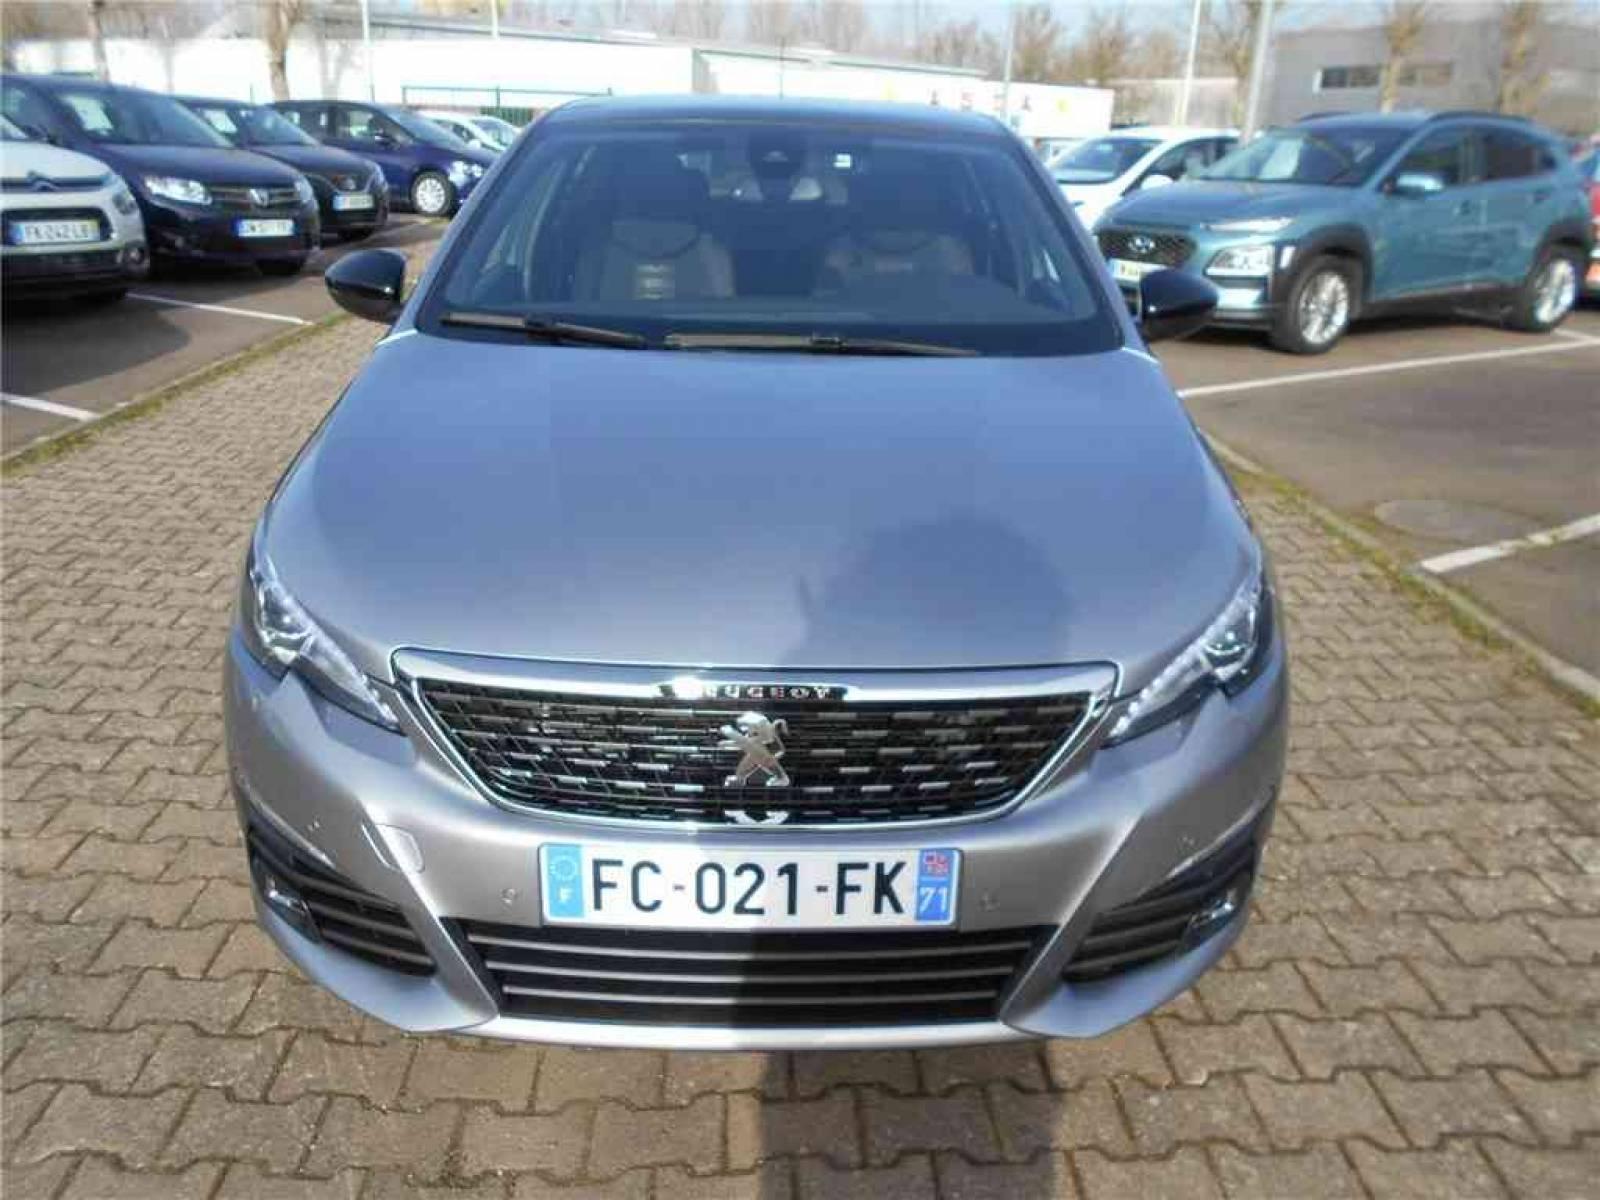 PEUGEOT 308 1.2 PureTech 130ch S&S EAT6 - véhicule d'occasion - Groupe Guillet - Chalon Automobiles - 71100 - Chalon-sur-Saône - 16